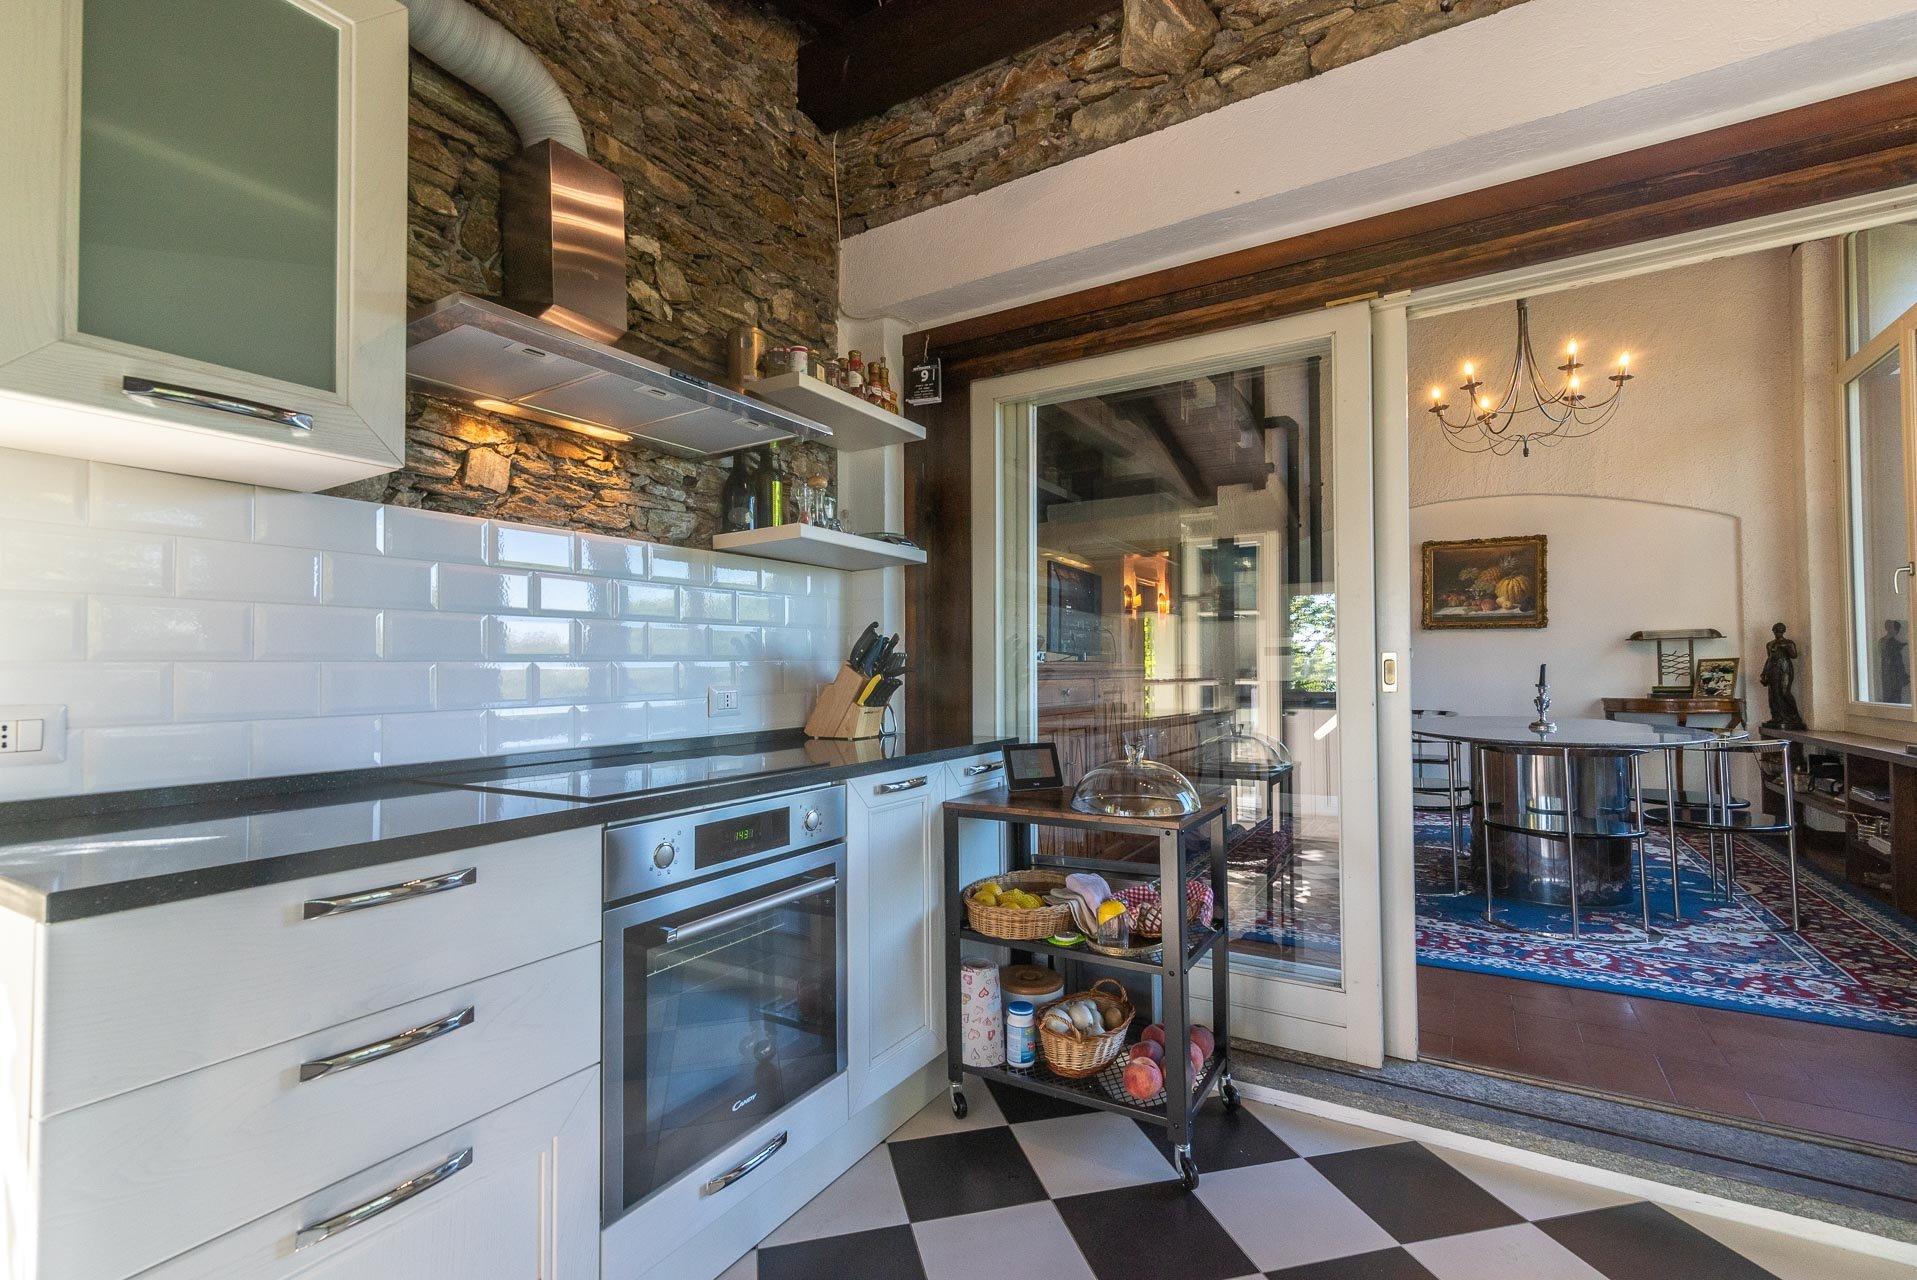 Villa con piscina in vendita a Gignese - cucina